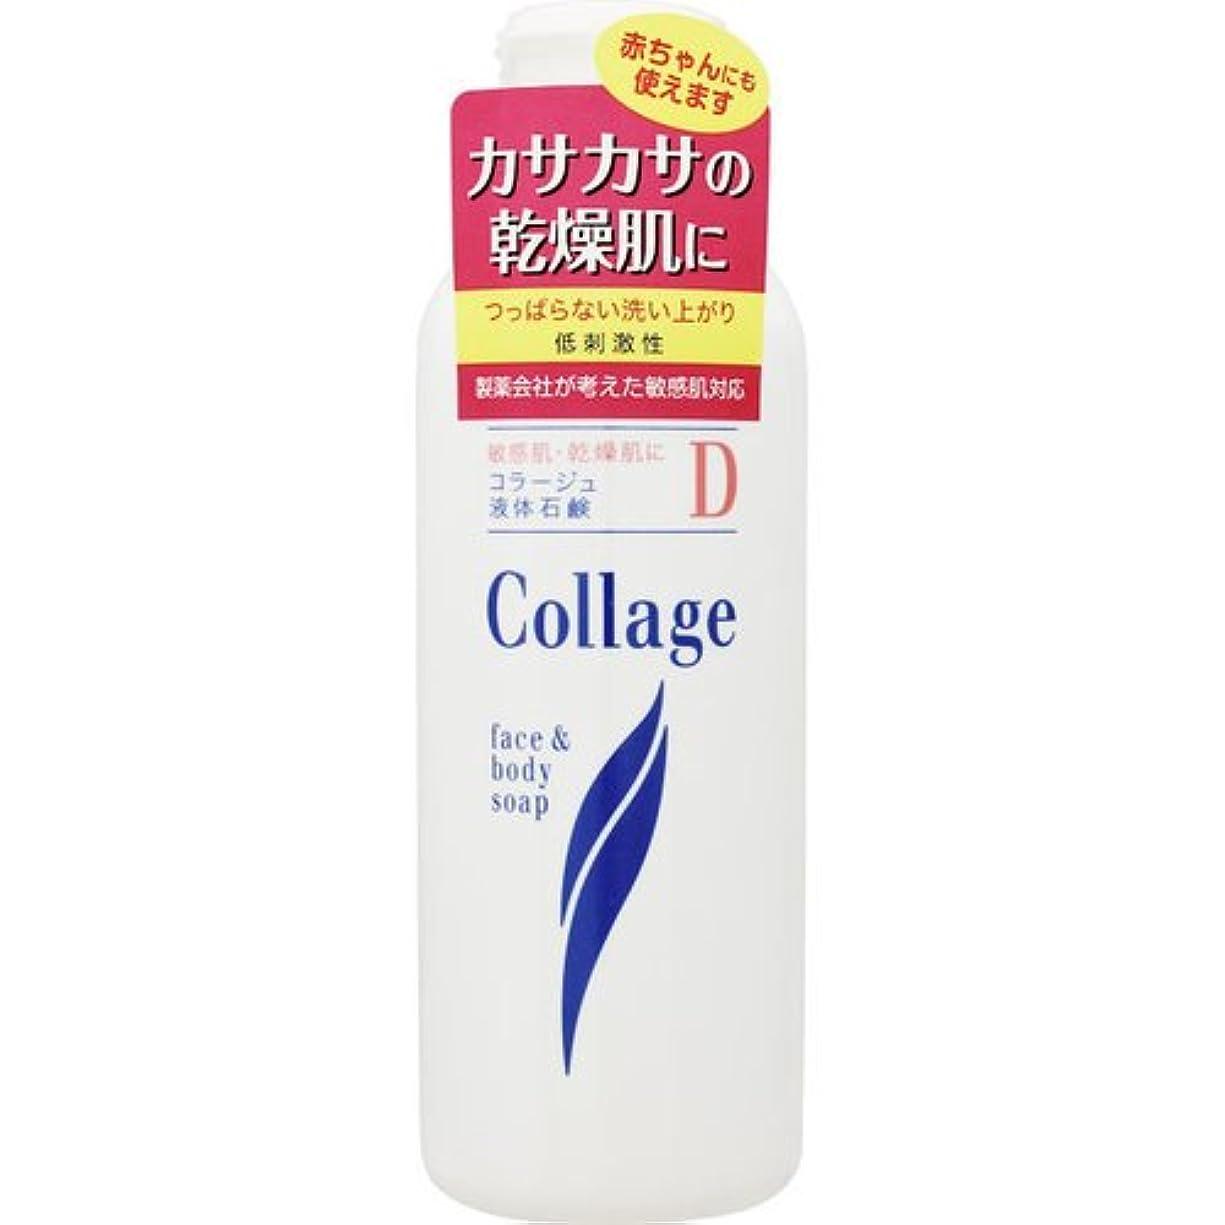 争う相談するモールス信号持田ヘルスケア コラージュD液体石鹸 (200mL) 敏感肌 液体洗顔料 コラージュ